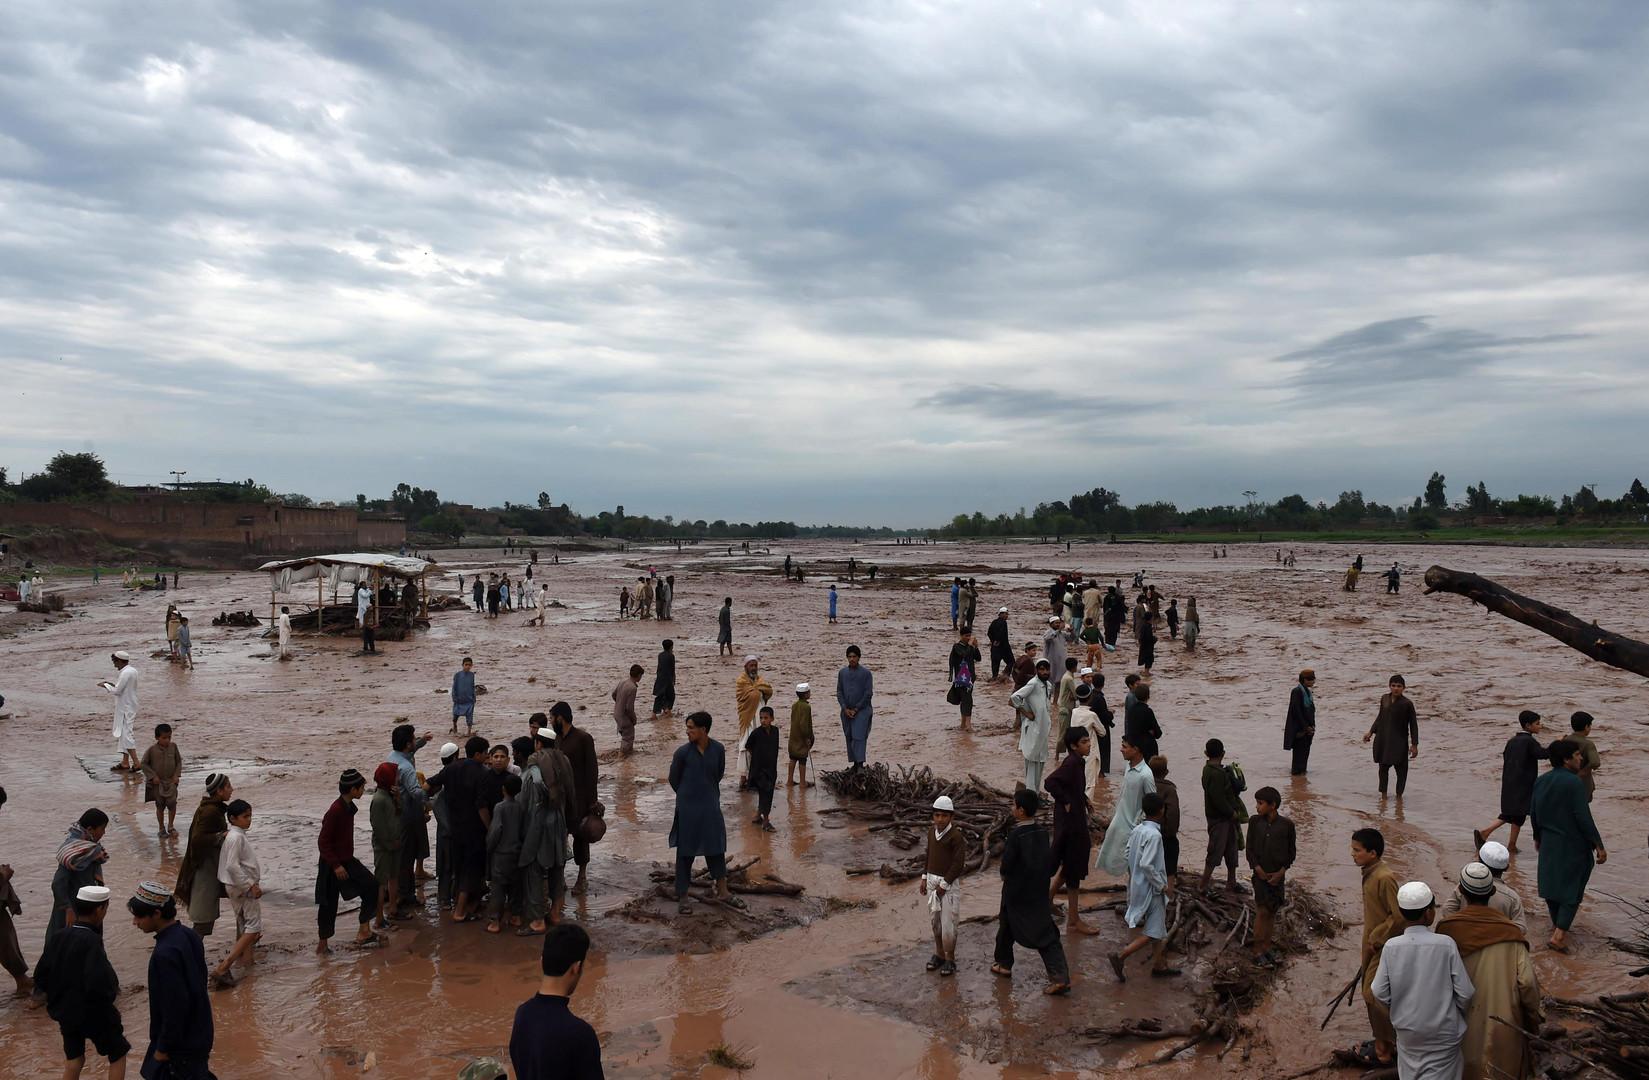 Des pluies torrentielles causent la mort d'une cinquantaine de personnes au Pakistan (VIDEO)